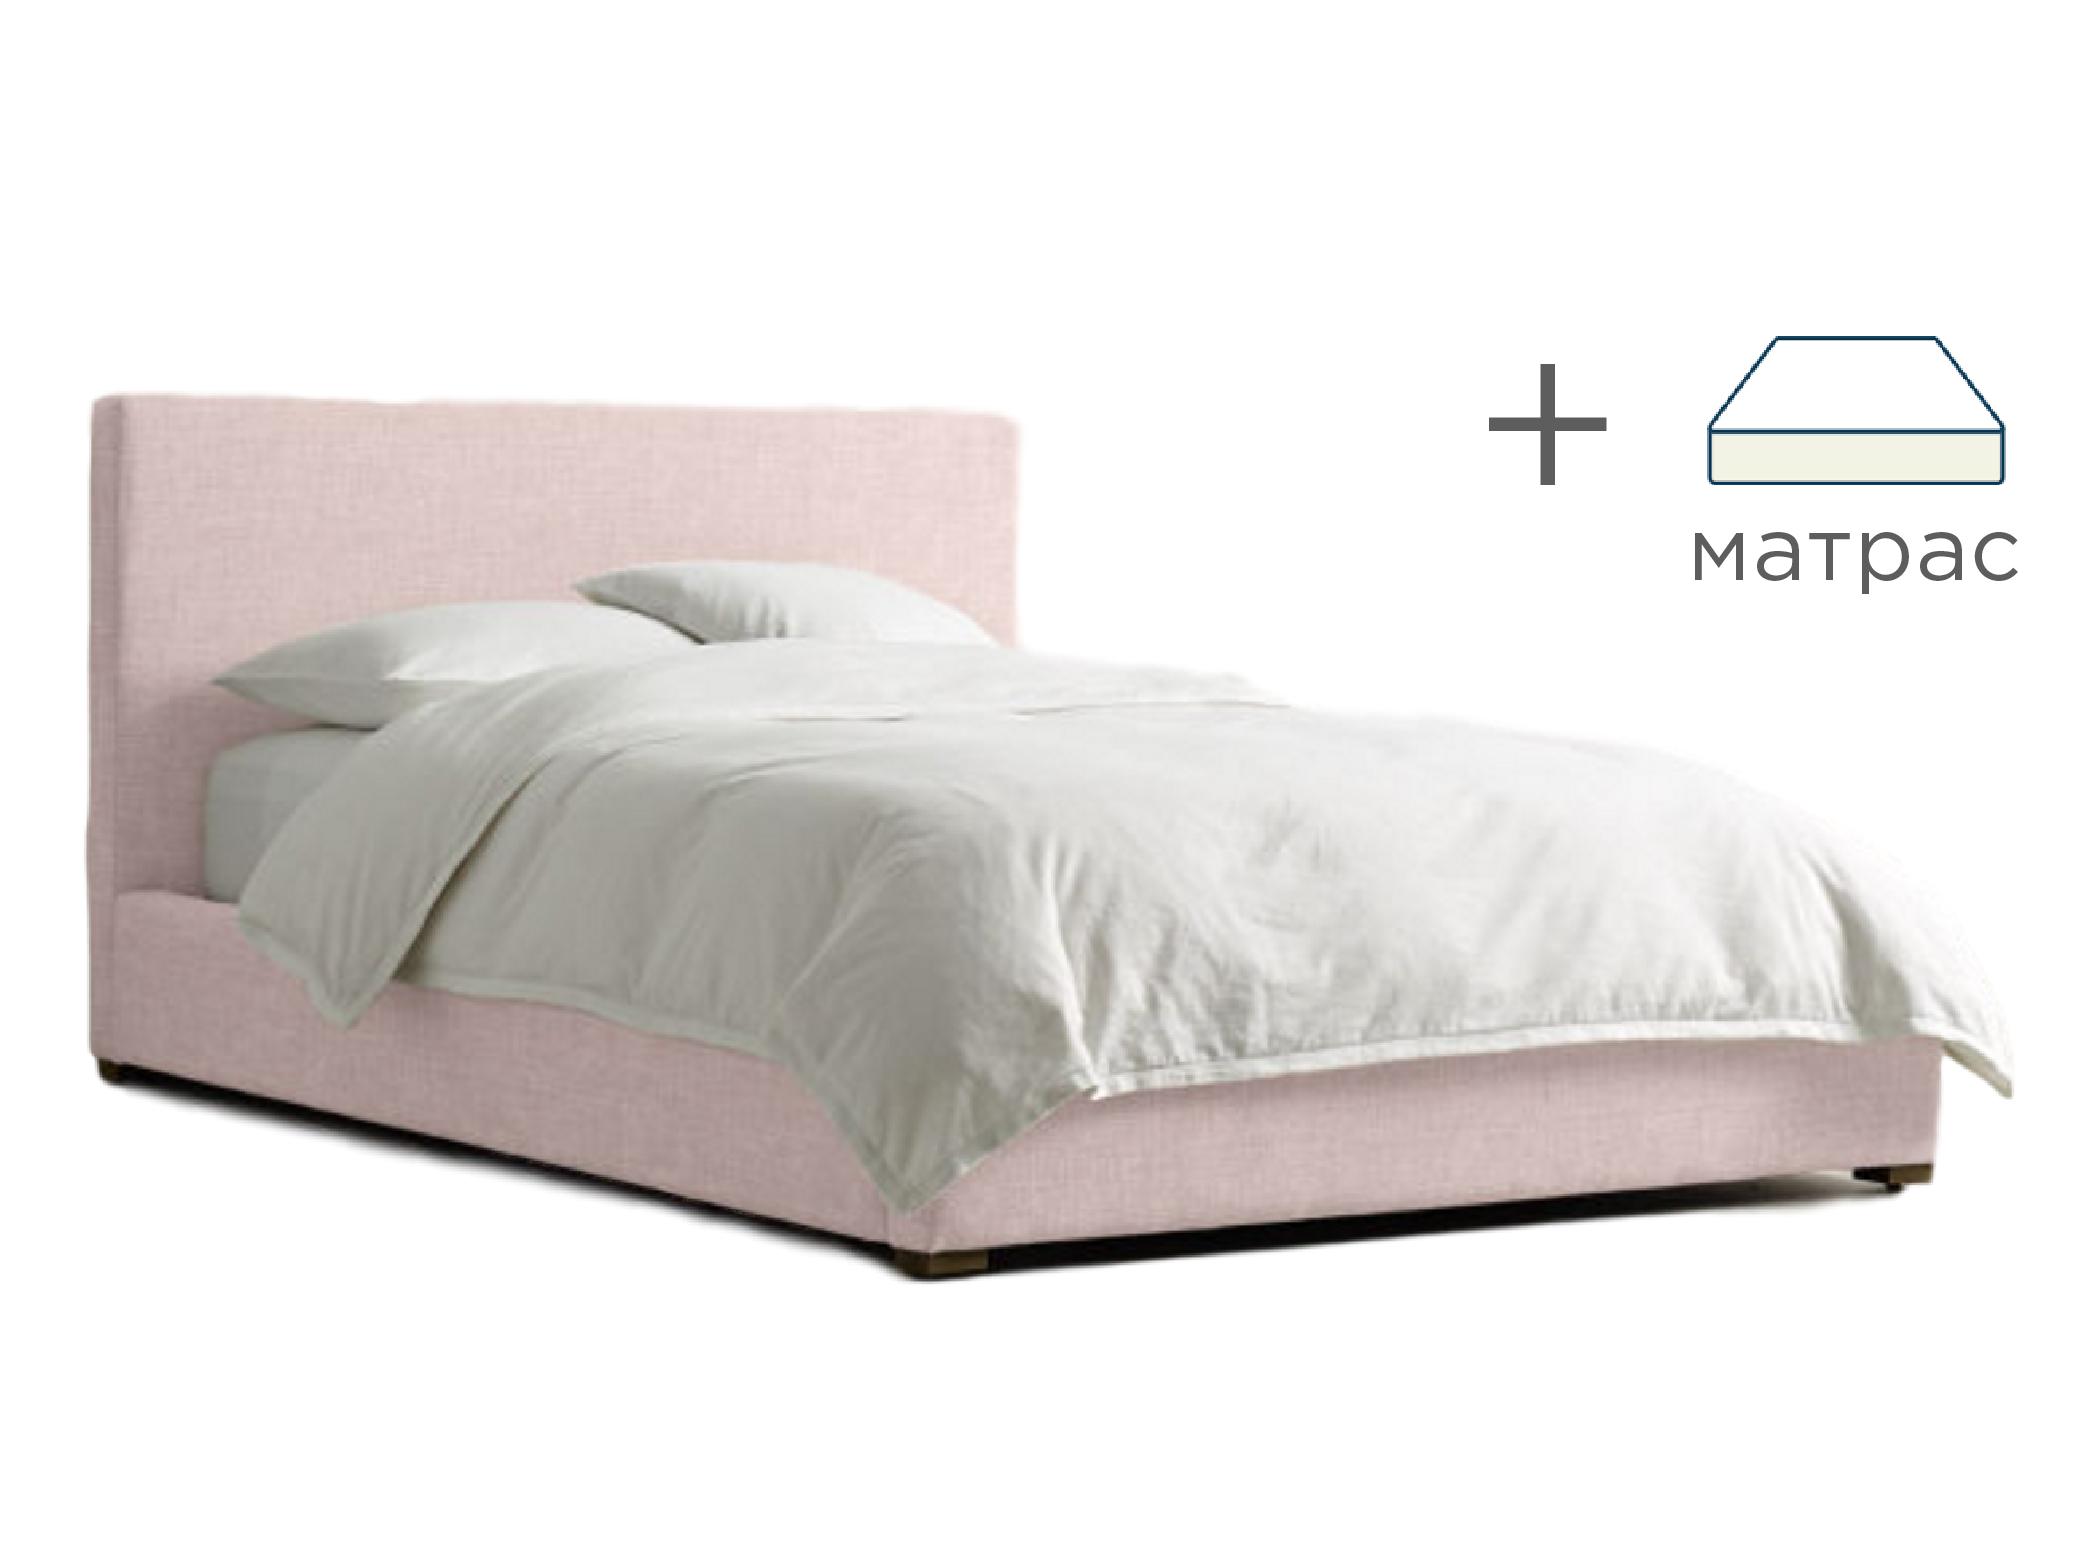 Кровать Beck Platform с матрасомКровати + матрасы<br>&amp;lt;div&amp;gt;Выгодная скидка при покупке комплекта!&amp;lt;/div&amp;gt;&amp;lt;div&amp;gt;Кровать в скандинавском стиле вместе с ортопедическим матрасом &amp;quot;Ascona Terapia Pulse&amp;quot;&amp;lt;/div&amp;gt;&amp;lt;div&amp;gt;&amp;lt;br&amp;gt;&amp;lt;/div&amp;gt;&amp;lt;div&amp;gt;Характеристики кровати:&amp;lt;/div&amp;gt;&amp;lt;div&amp;gt;Размер спального места: 160*200&amp;lt;/div&amp;gt;&amp;lt;div&amp;gt;Материалы: бук, текстиль&amp;amp;nbsp;&amp;lt;/div&amp;gt;&amp;lt;div&amp;gt;Варианты исполнения: более 200 цветов высокой категории&amp;amp;nbsp;&amp;lt;/div&amp;gt;&amp;lt;div&amp;gt;&amp;lt;br&amp;gt;&amp;lt;/div&amp;gt;&amp;lt;div&amp;gt;Характеристики матраса:&amp;lt;/div&amp;gt;&amp;lt;div&amp;gt;100% хлопковый жаккард с антибактериальной пропиткой с ионами Ag+&amp;lt;/div&amp;gt;&amp;lt;div&amp;gt;Блок независимых пружин «Песочные часы Extra»&amp;lt;/div&amp;gt;&amp;lt;div&amp;gt;Короб по периметру из пены Orto Foam®&amp;lt;/div&amp;gt;&amp;lt;div&amp;gt;Жесткость: низкая&amp;lt;/div&amp;gt;<br><br>Material: Текстиль<br>Ширина см: 210<br>Высота см: 100<br>Глубина см: 170